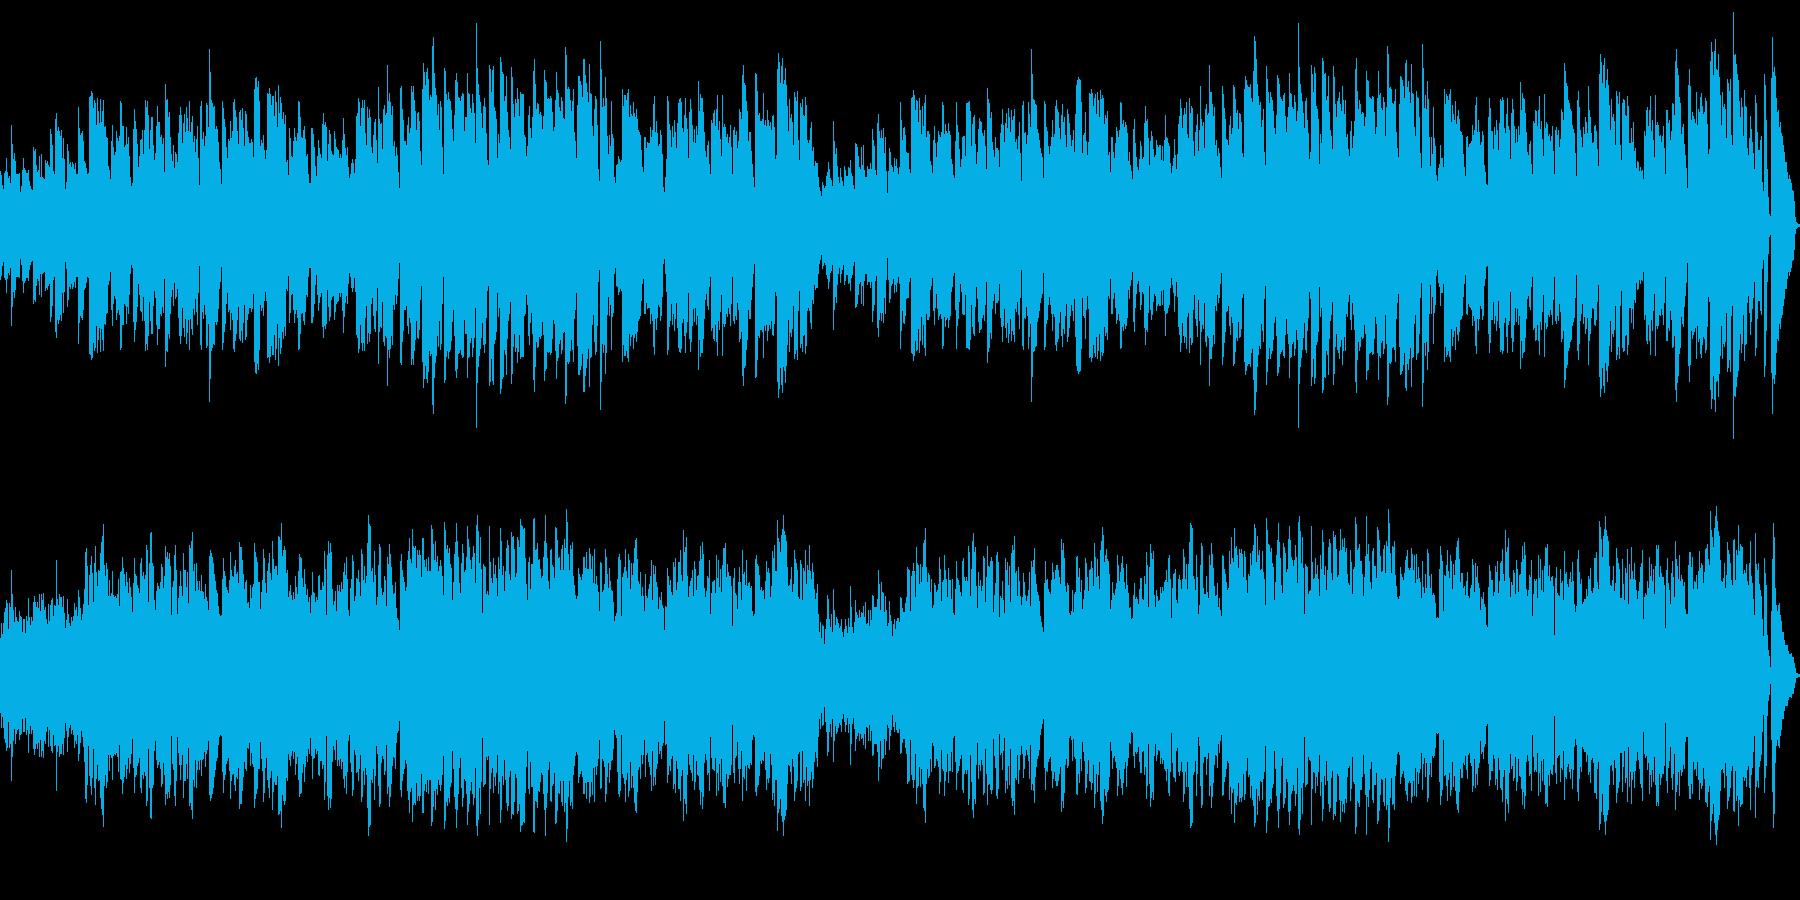 ピアノ中心のメロディアスなしっとりジャズの再生済みの波形